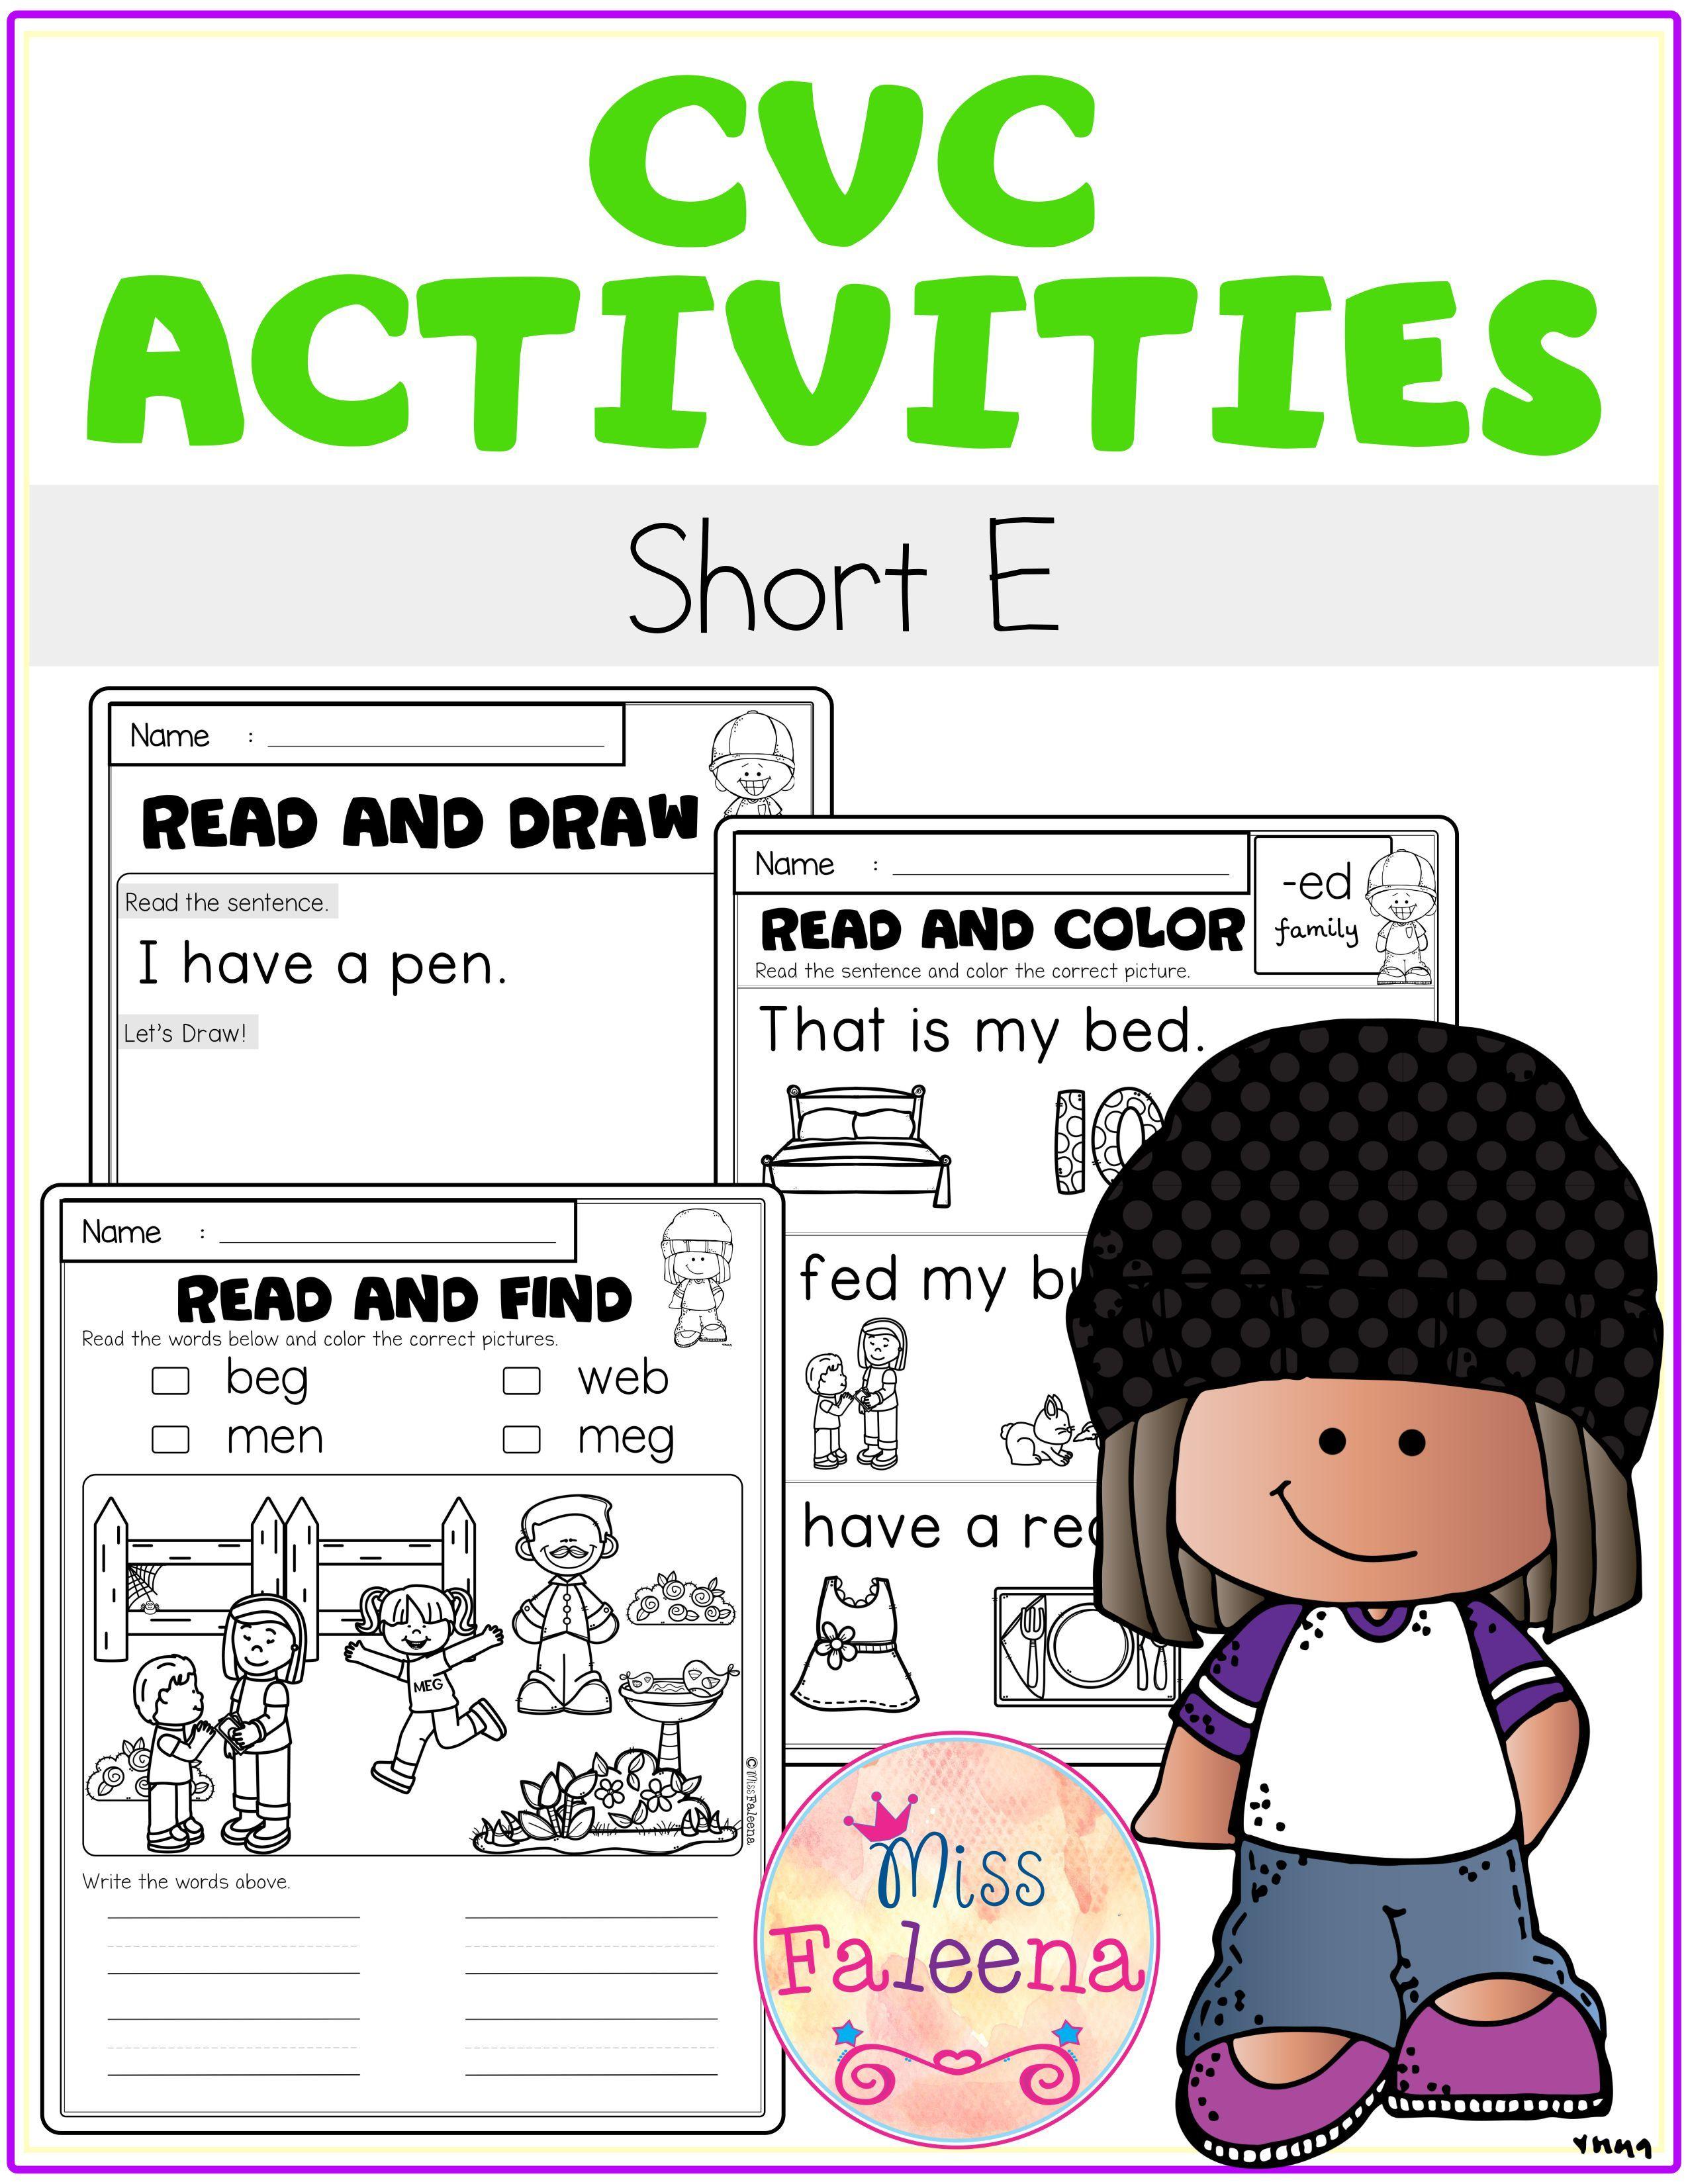 Cvc Activities Short E